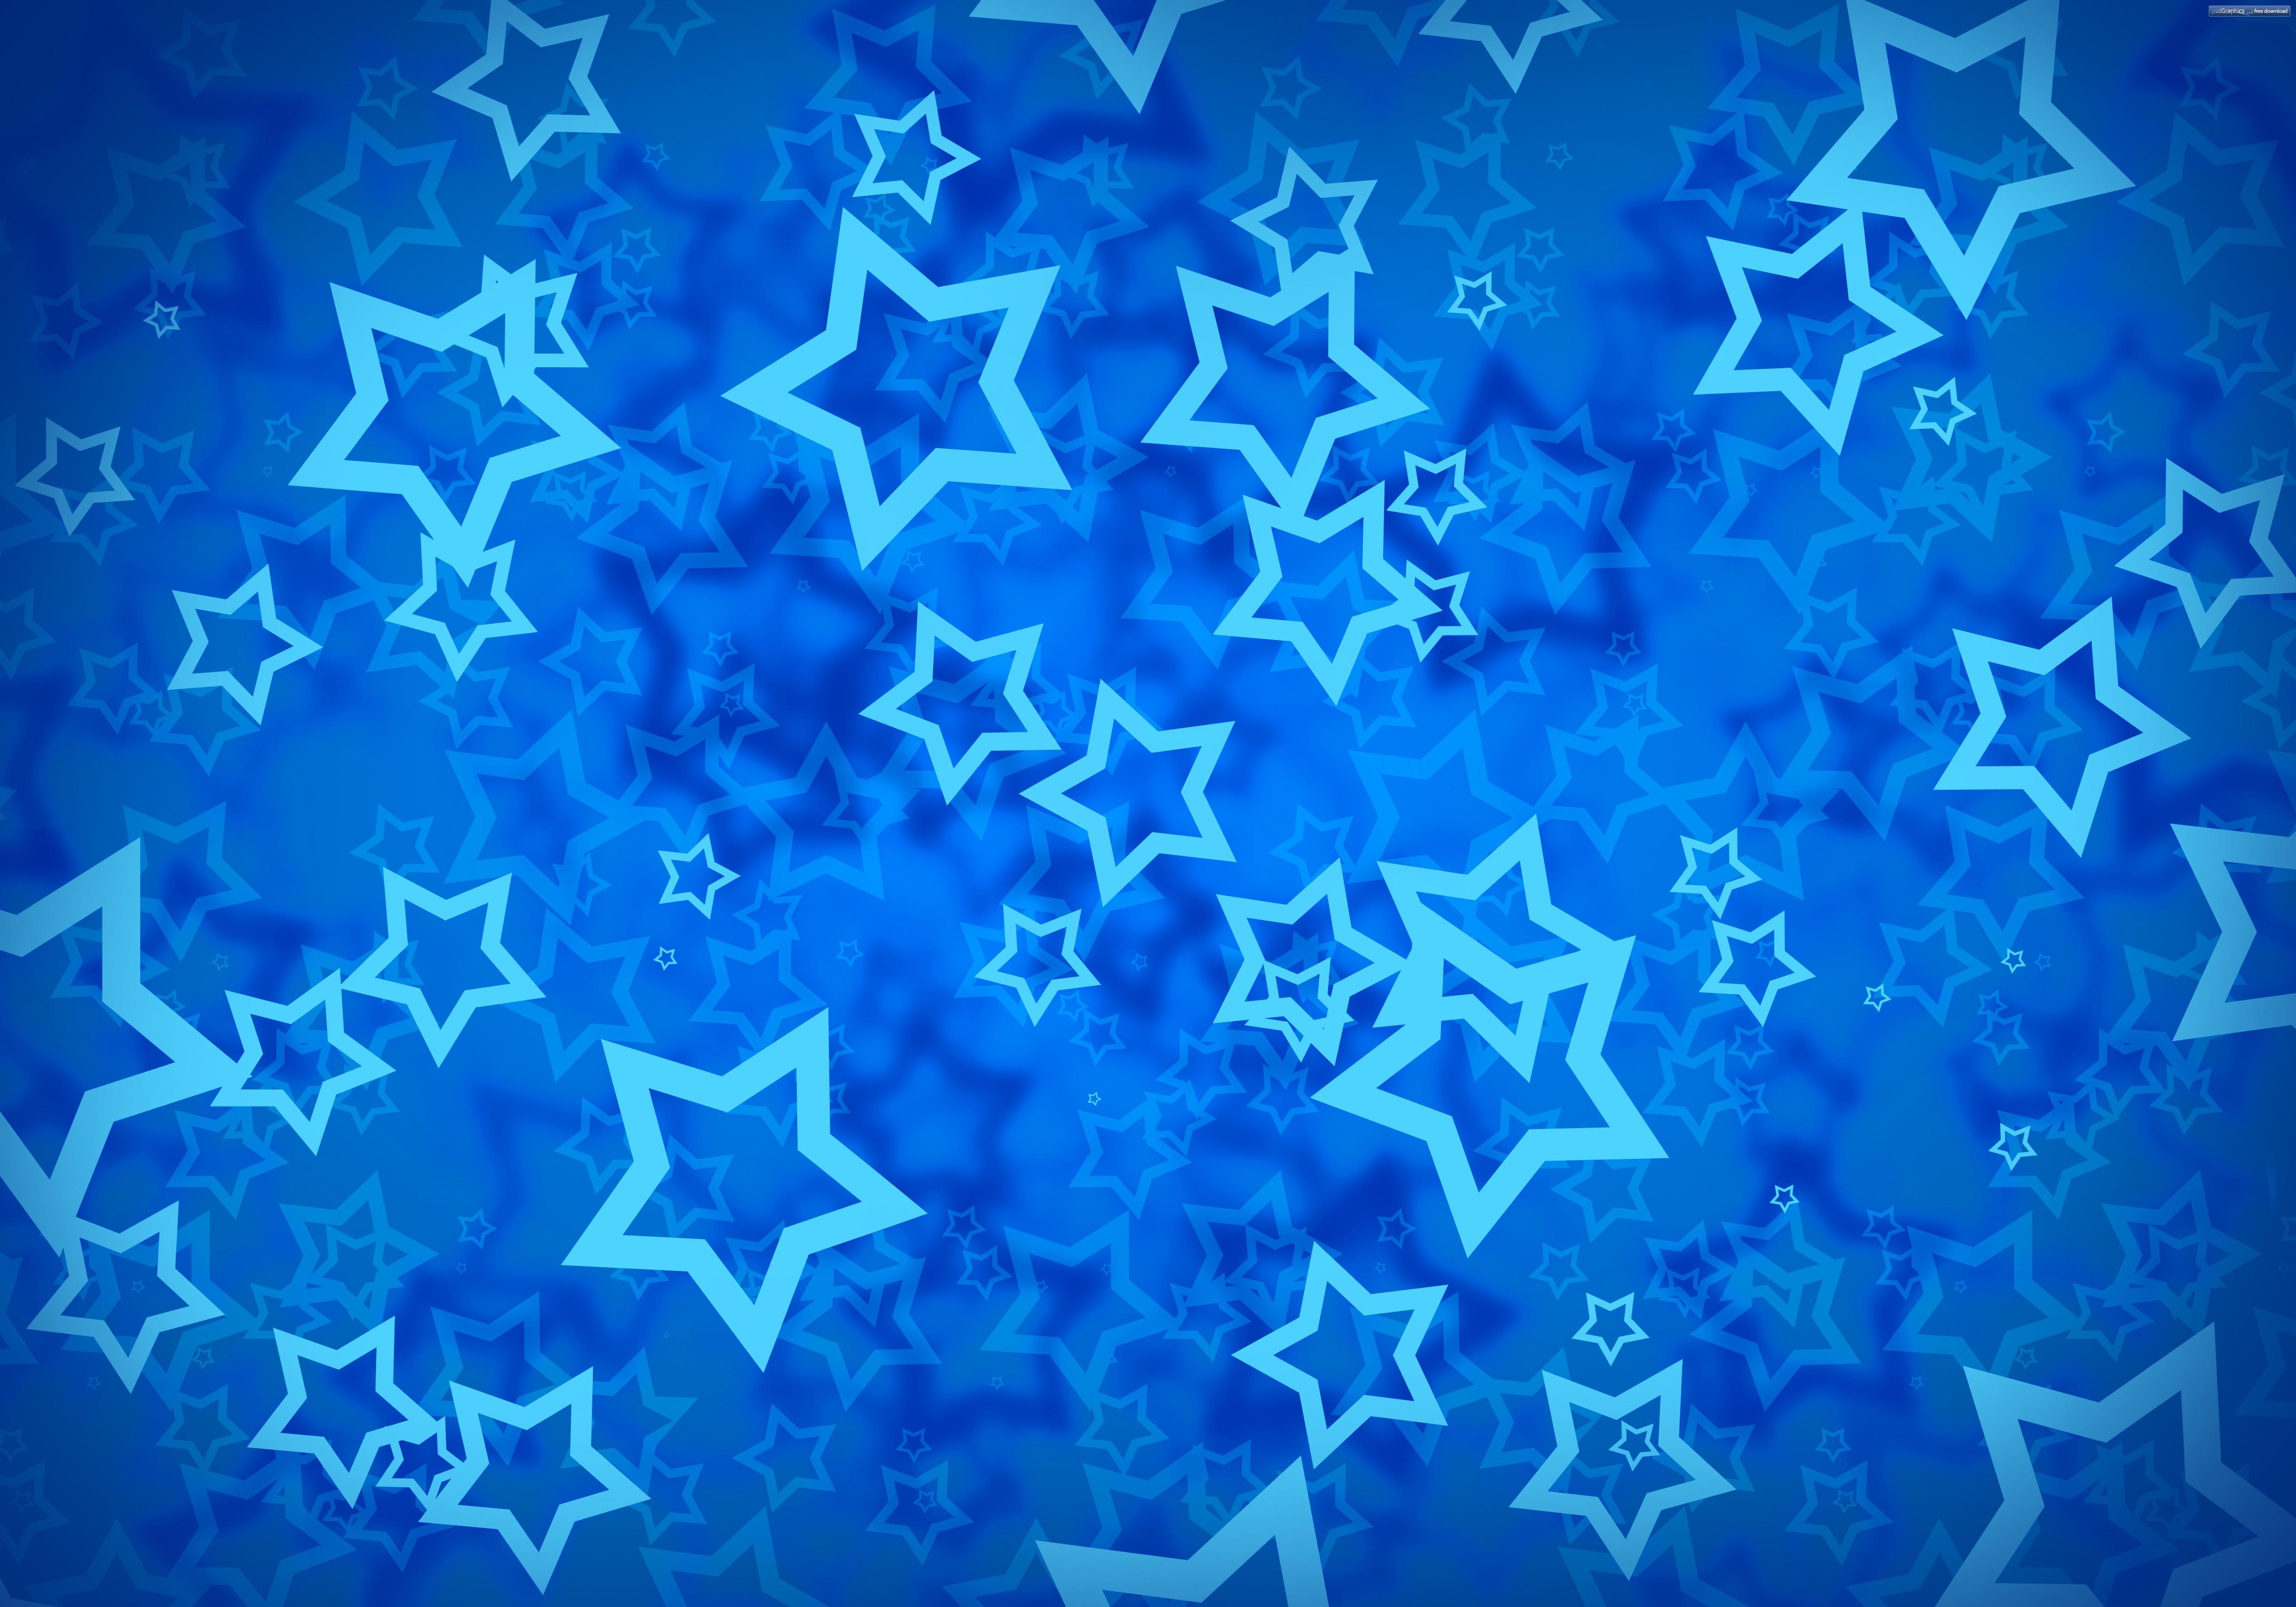 Patrón De Fondo De Pantalla De Deportes: Fondos De Pantalla : Arte Digital, Fondo Azul, Estrellas